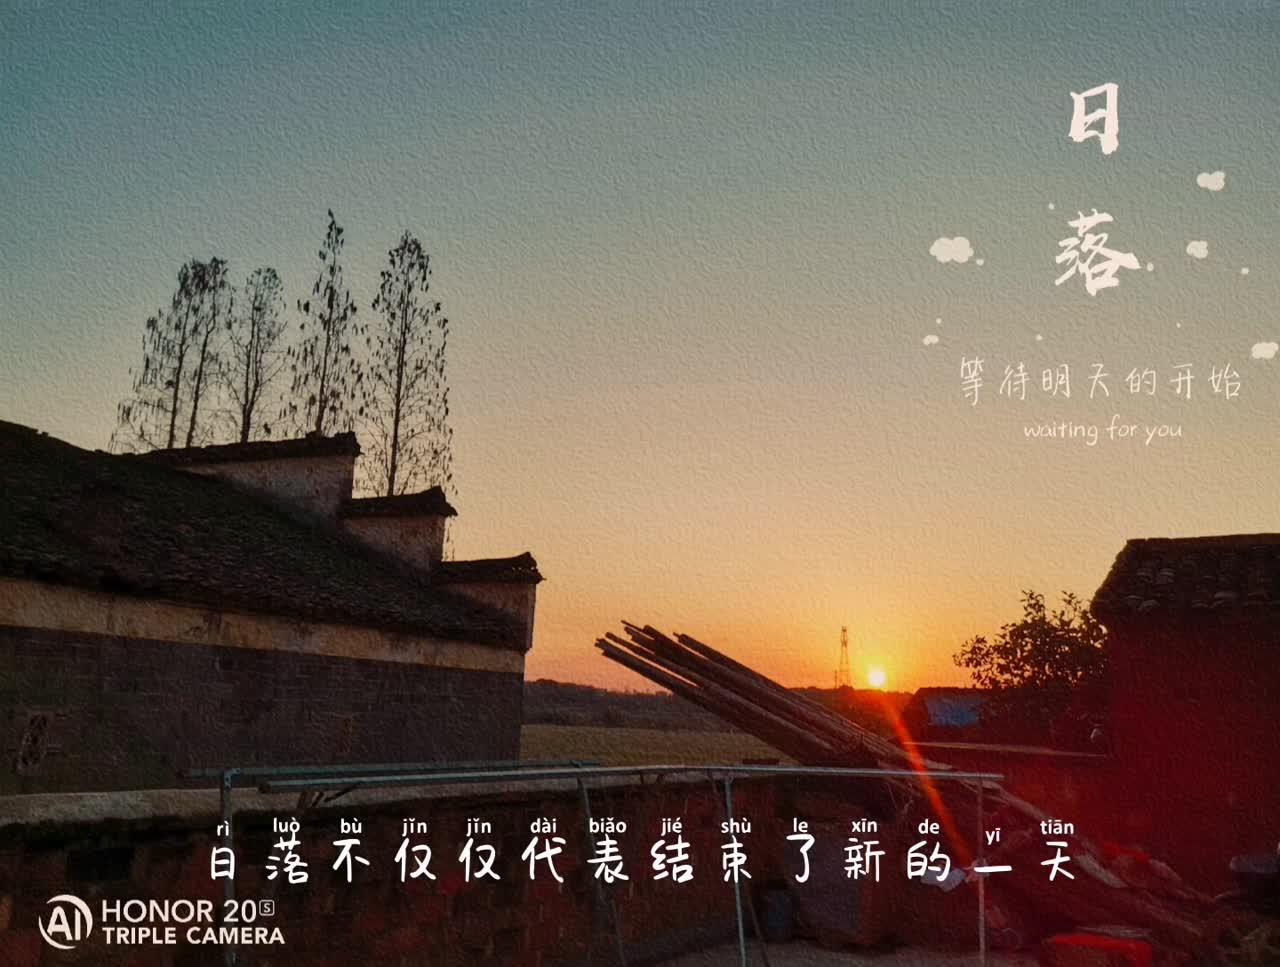 【花粉女生】日落的时刻,荣耀20系列-花粉俱乐部